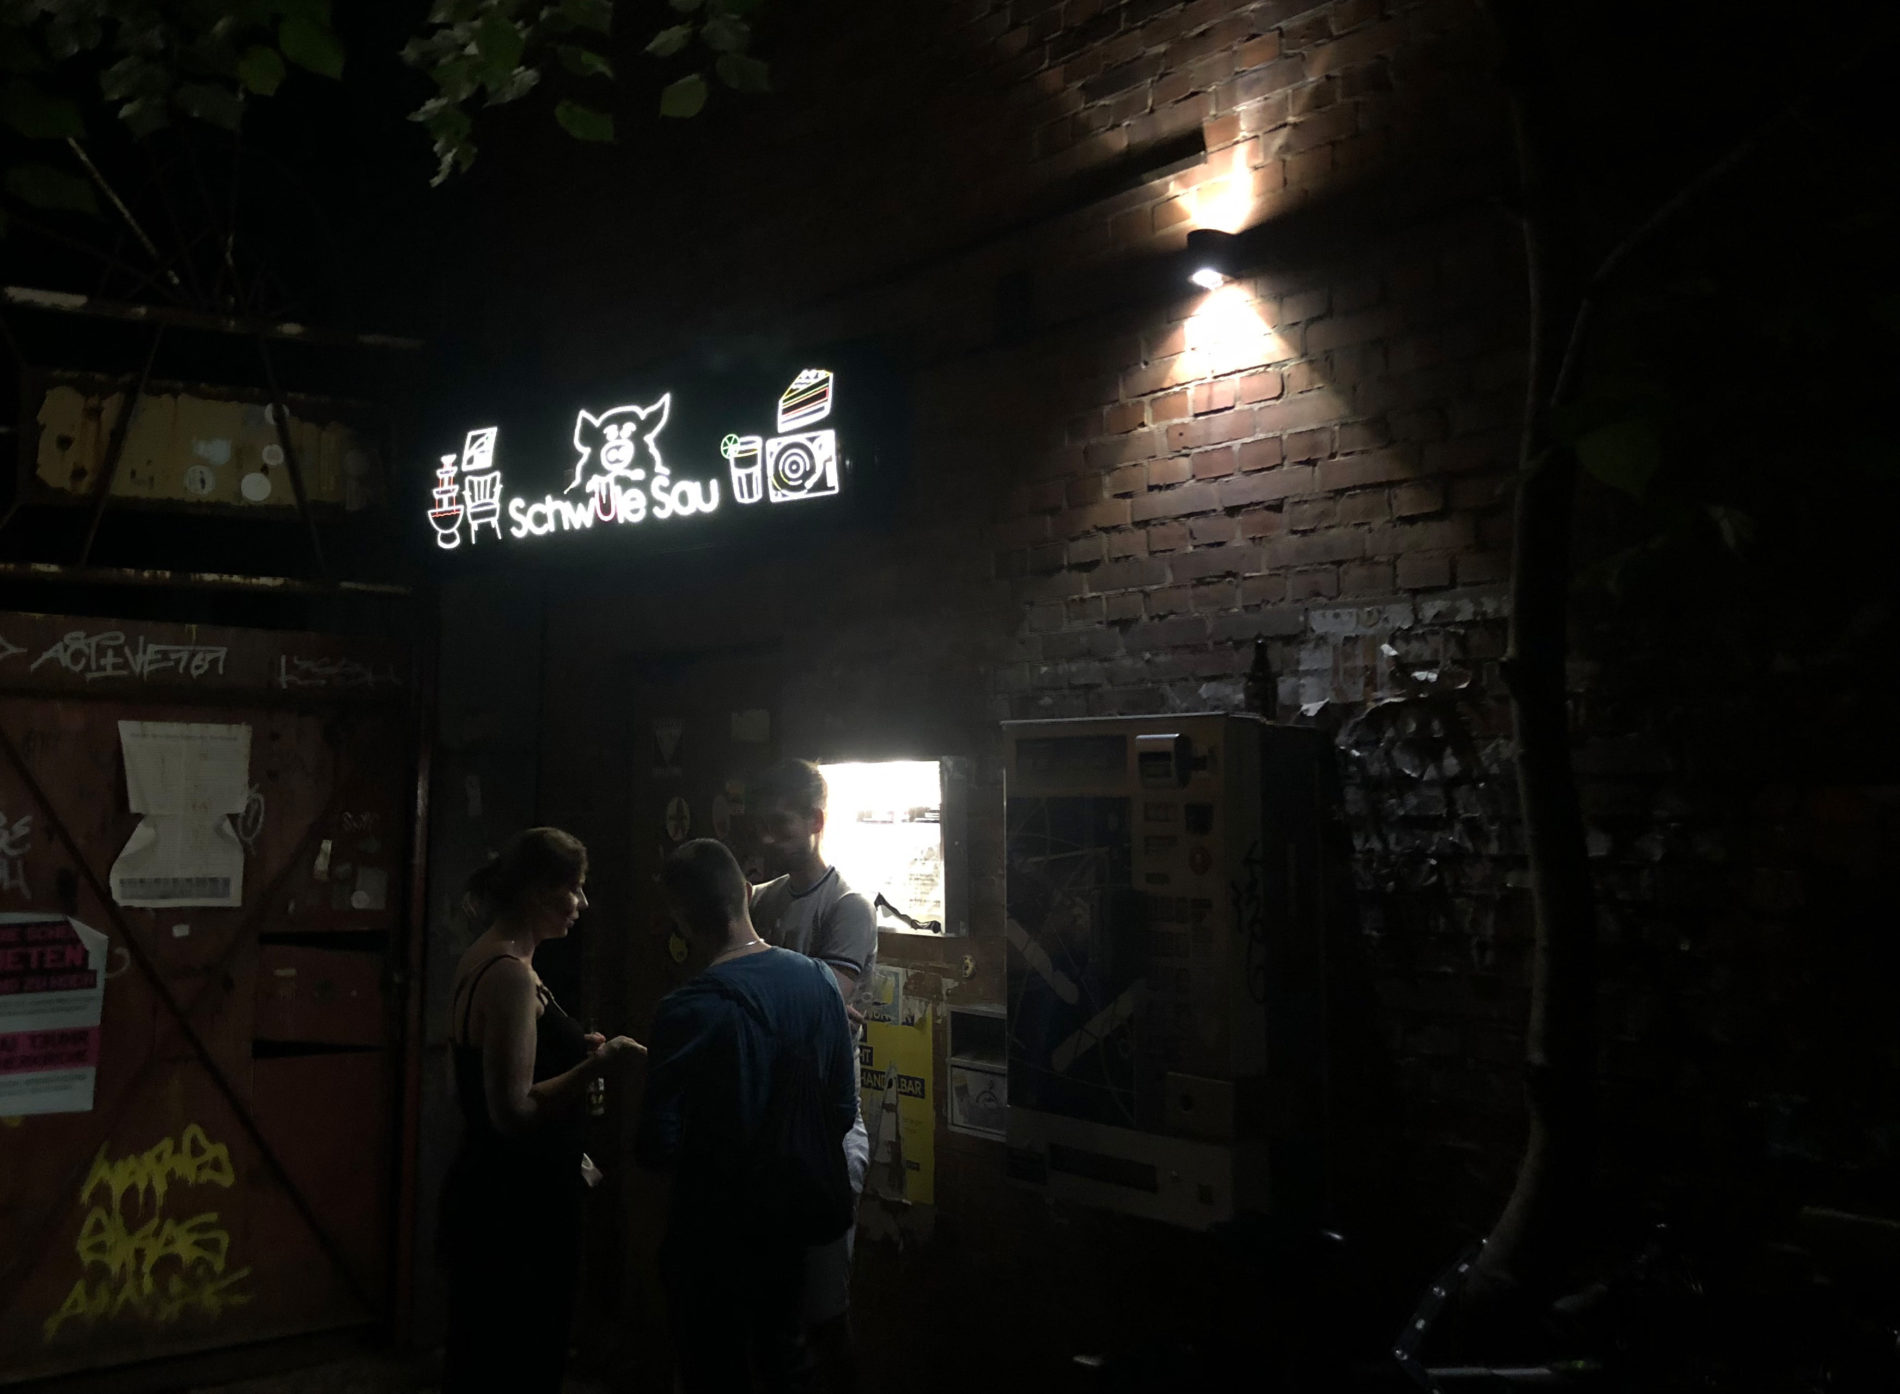 Eingang der Schwulen Sau in der Nordstadt